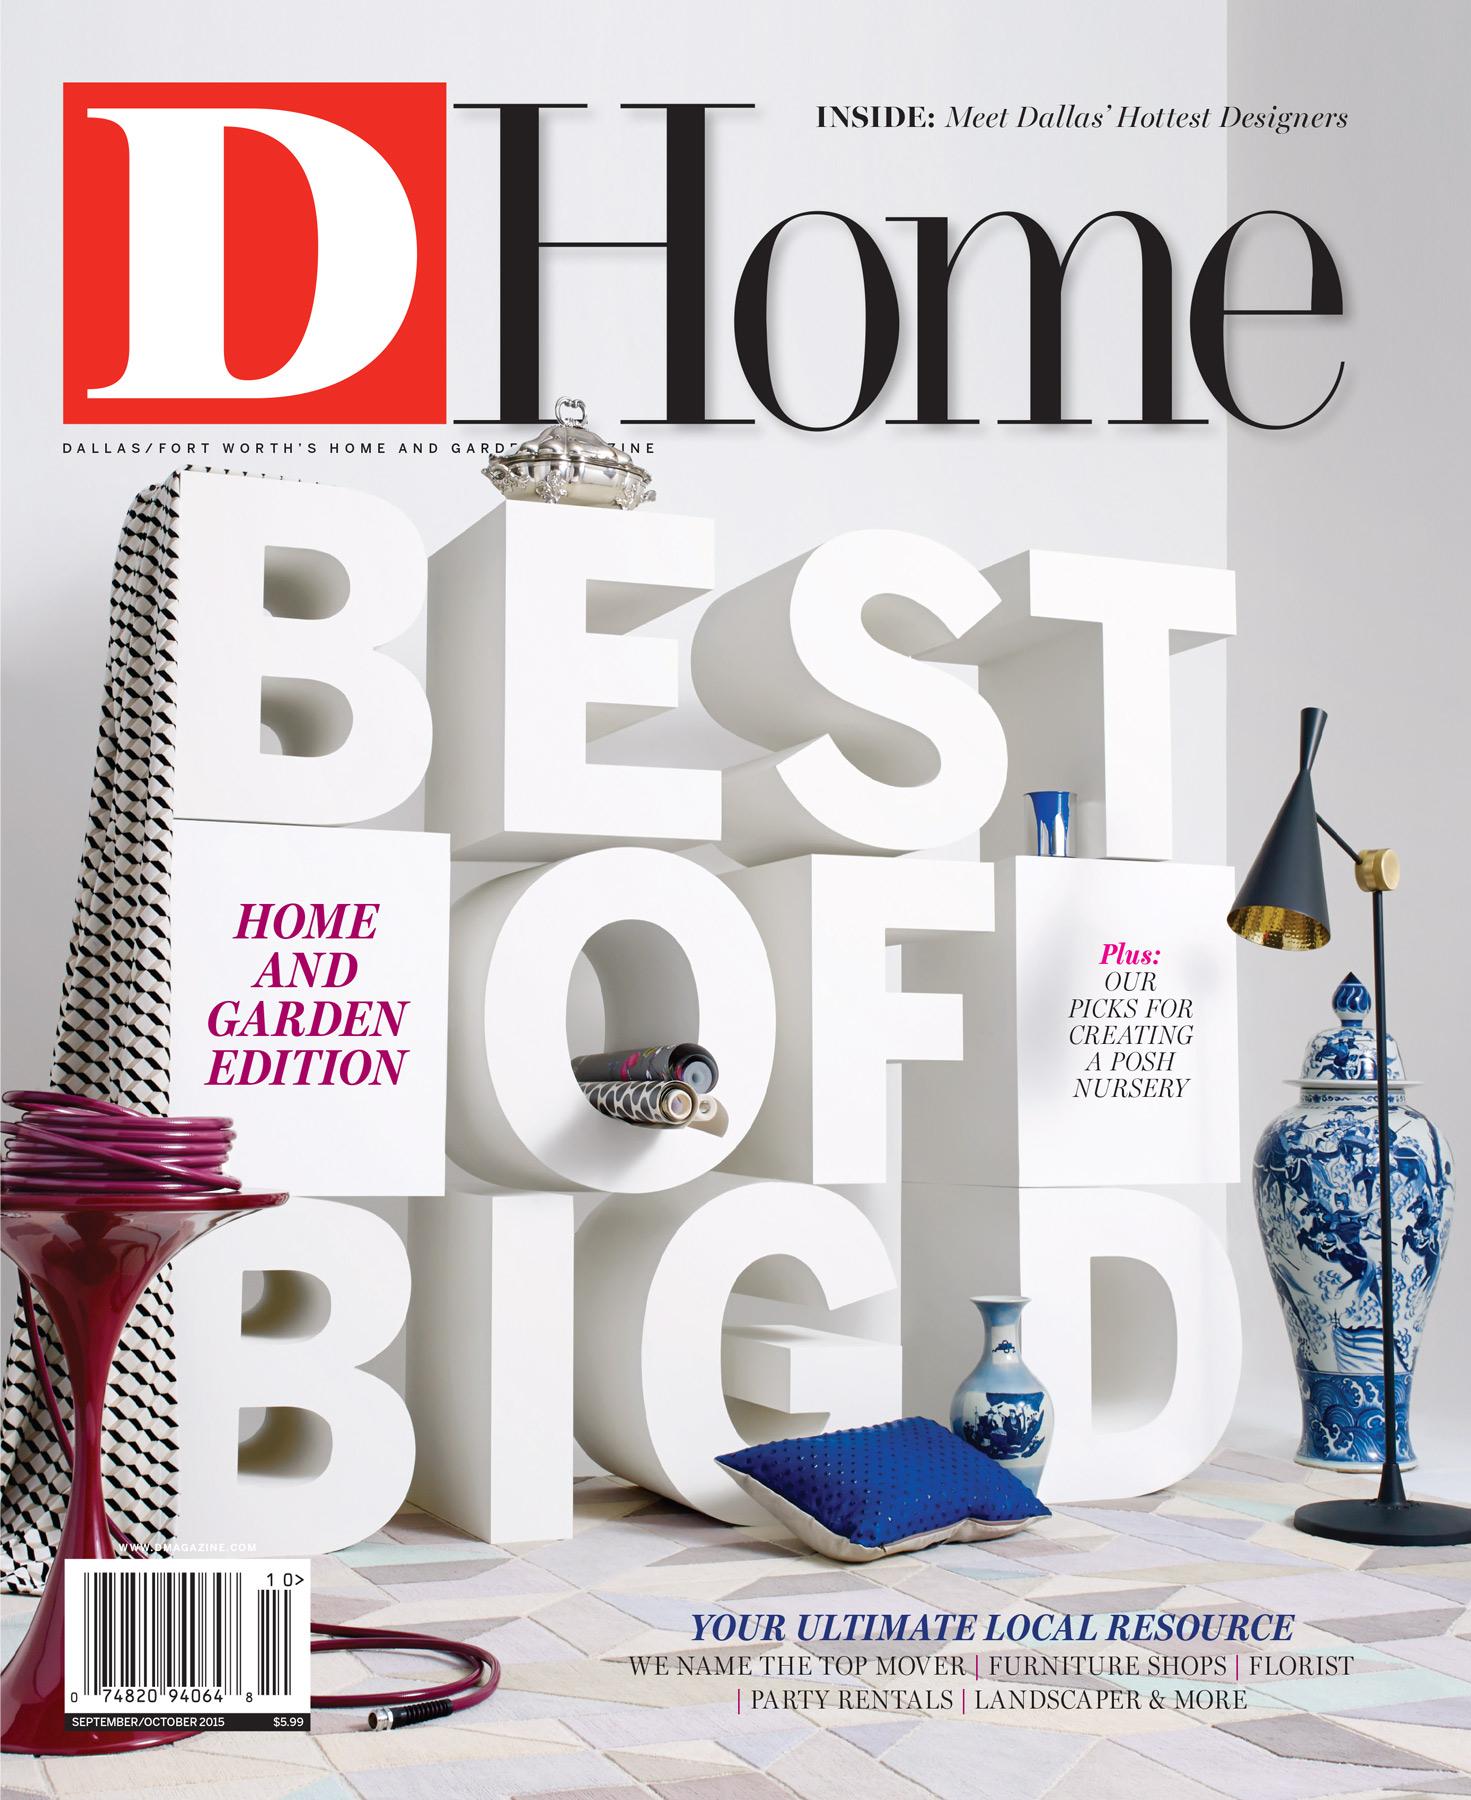 September-October 2015 cover